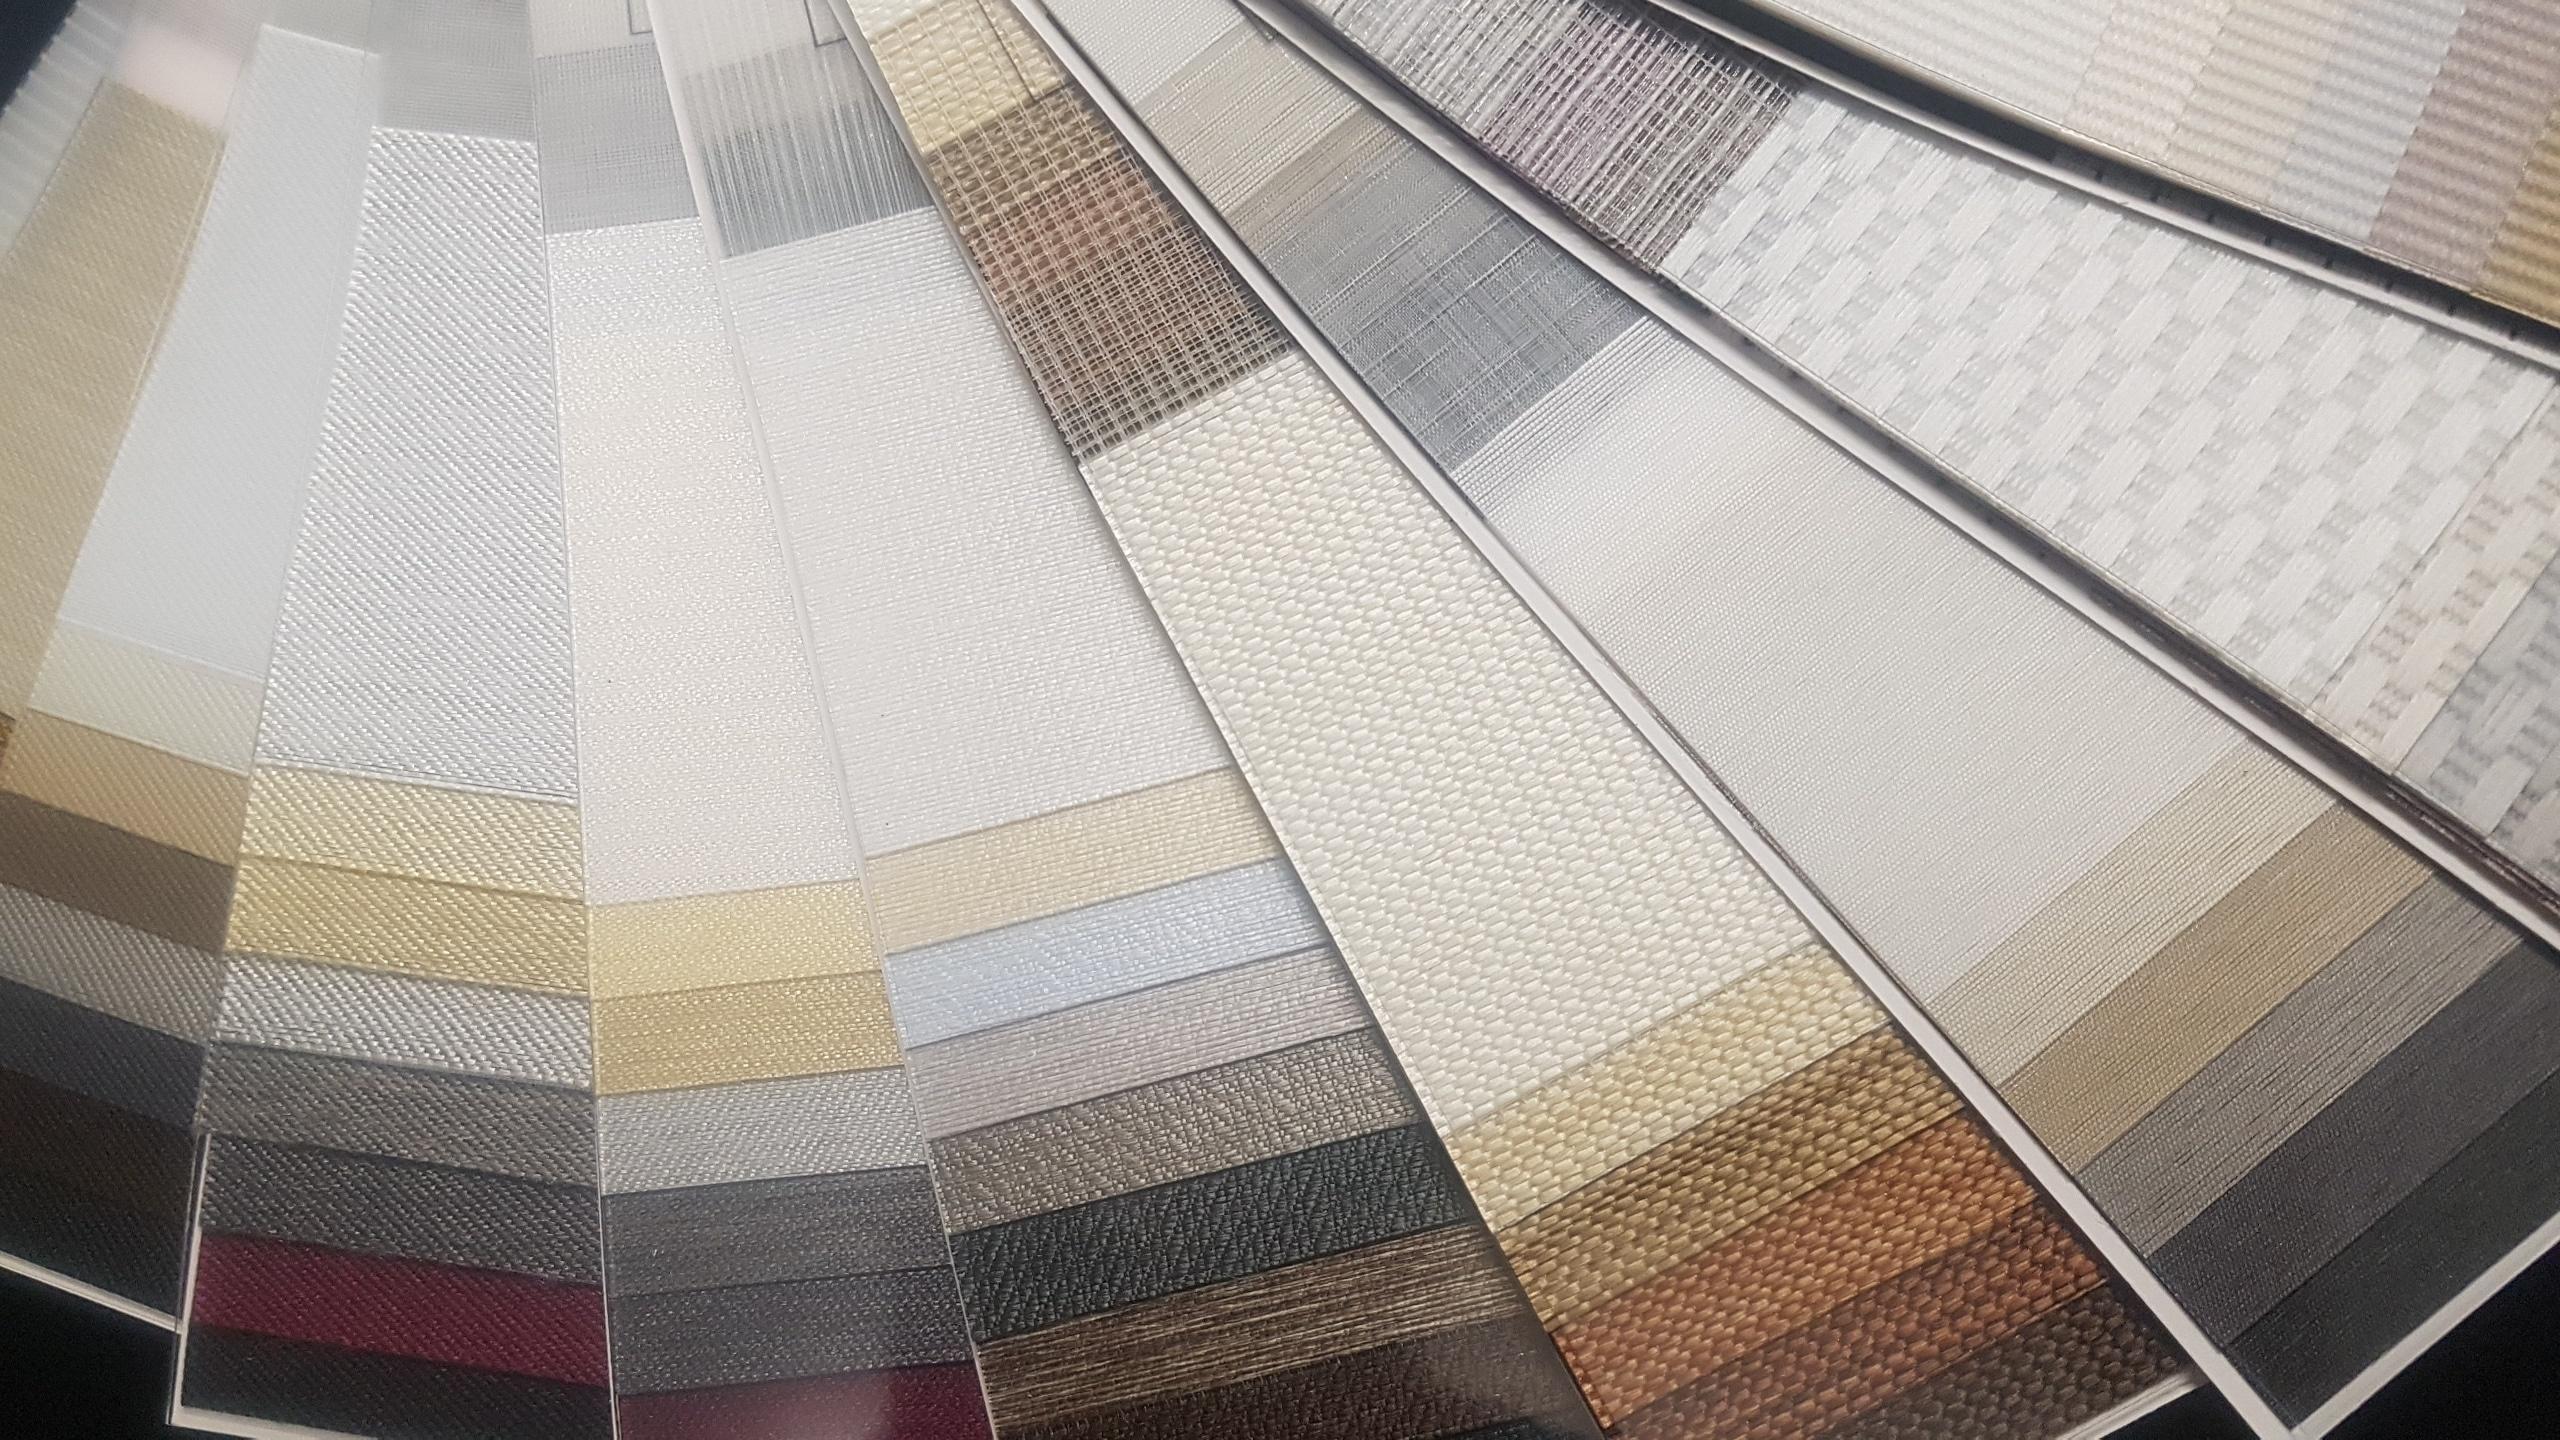 Zebra Blinds Fabric Options